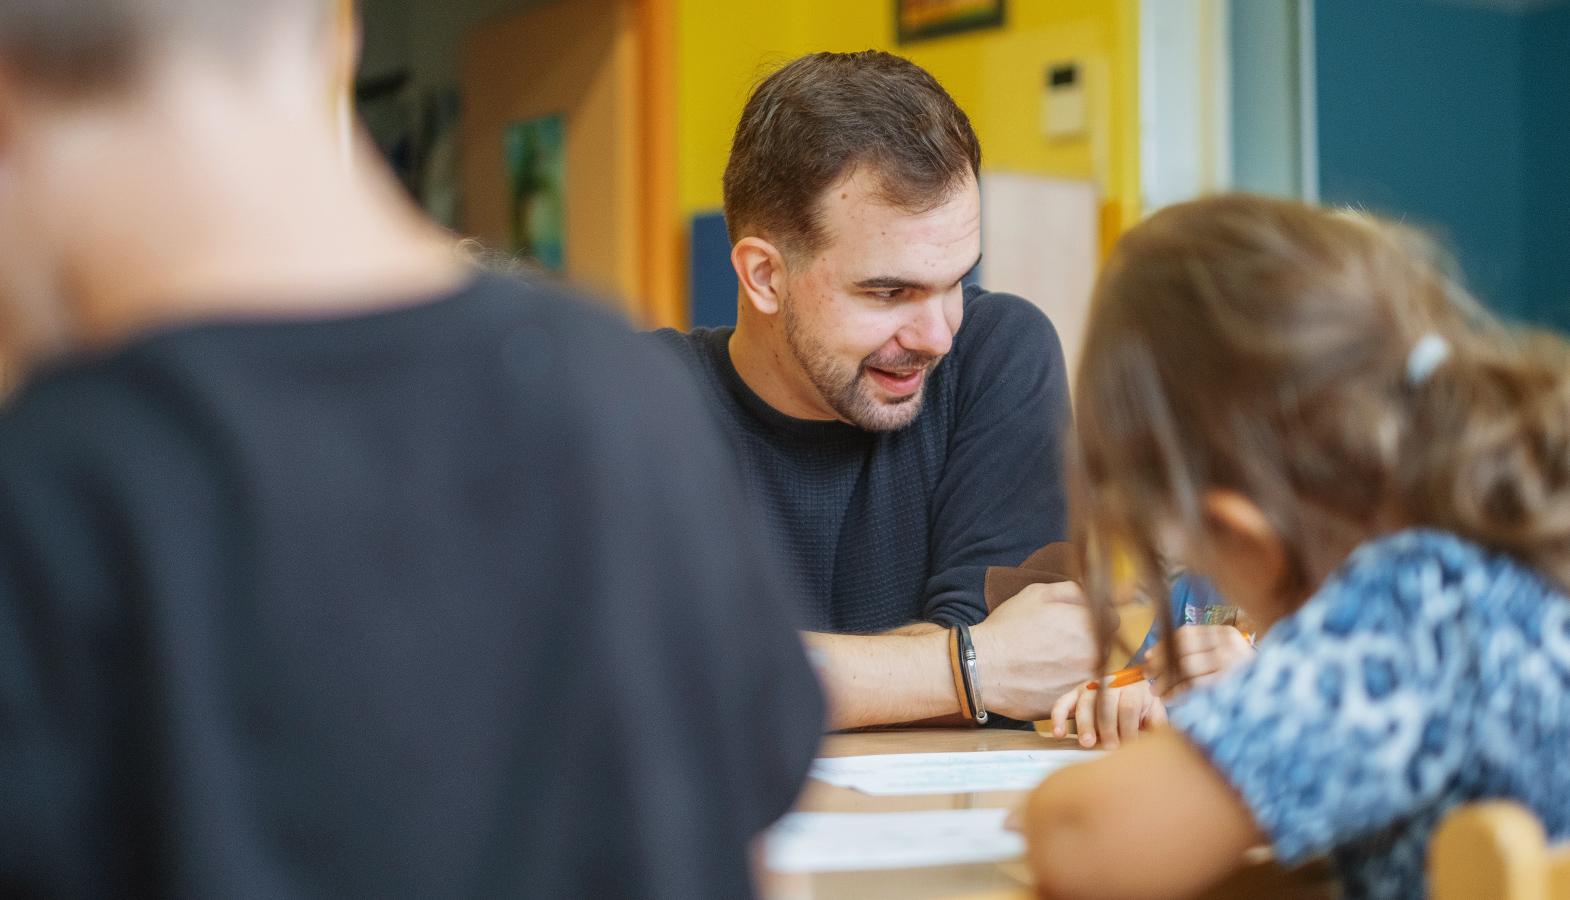 rozhovor s učitelem ze školky